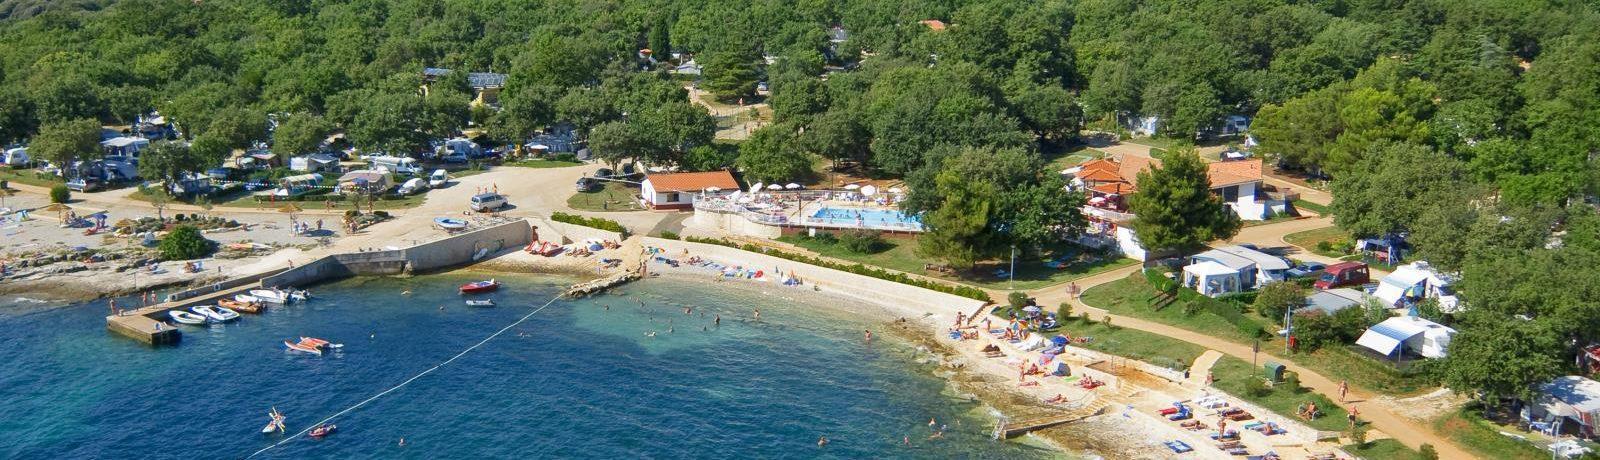 Naturist Camping Solaris op het schiereiland Lanterna, dicht bij Poreč is een naturistencamping in Istrië met zwembad in Kroatië schitterend gelegen aan zee.